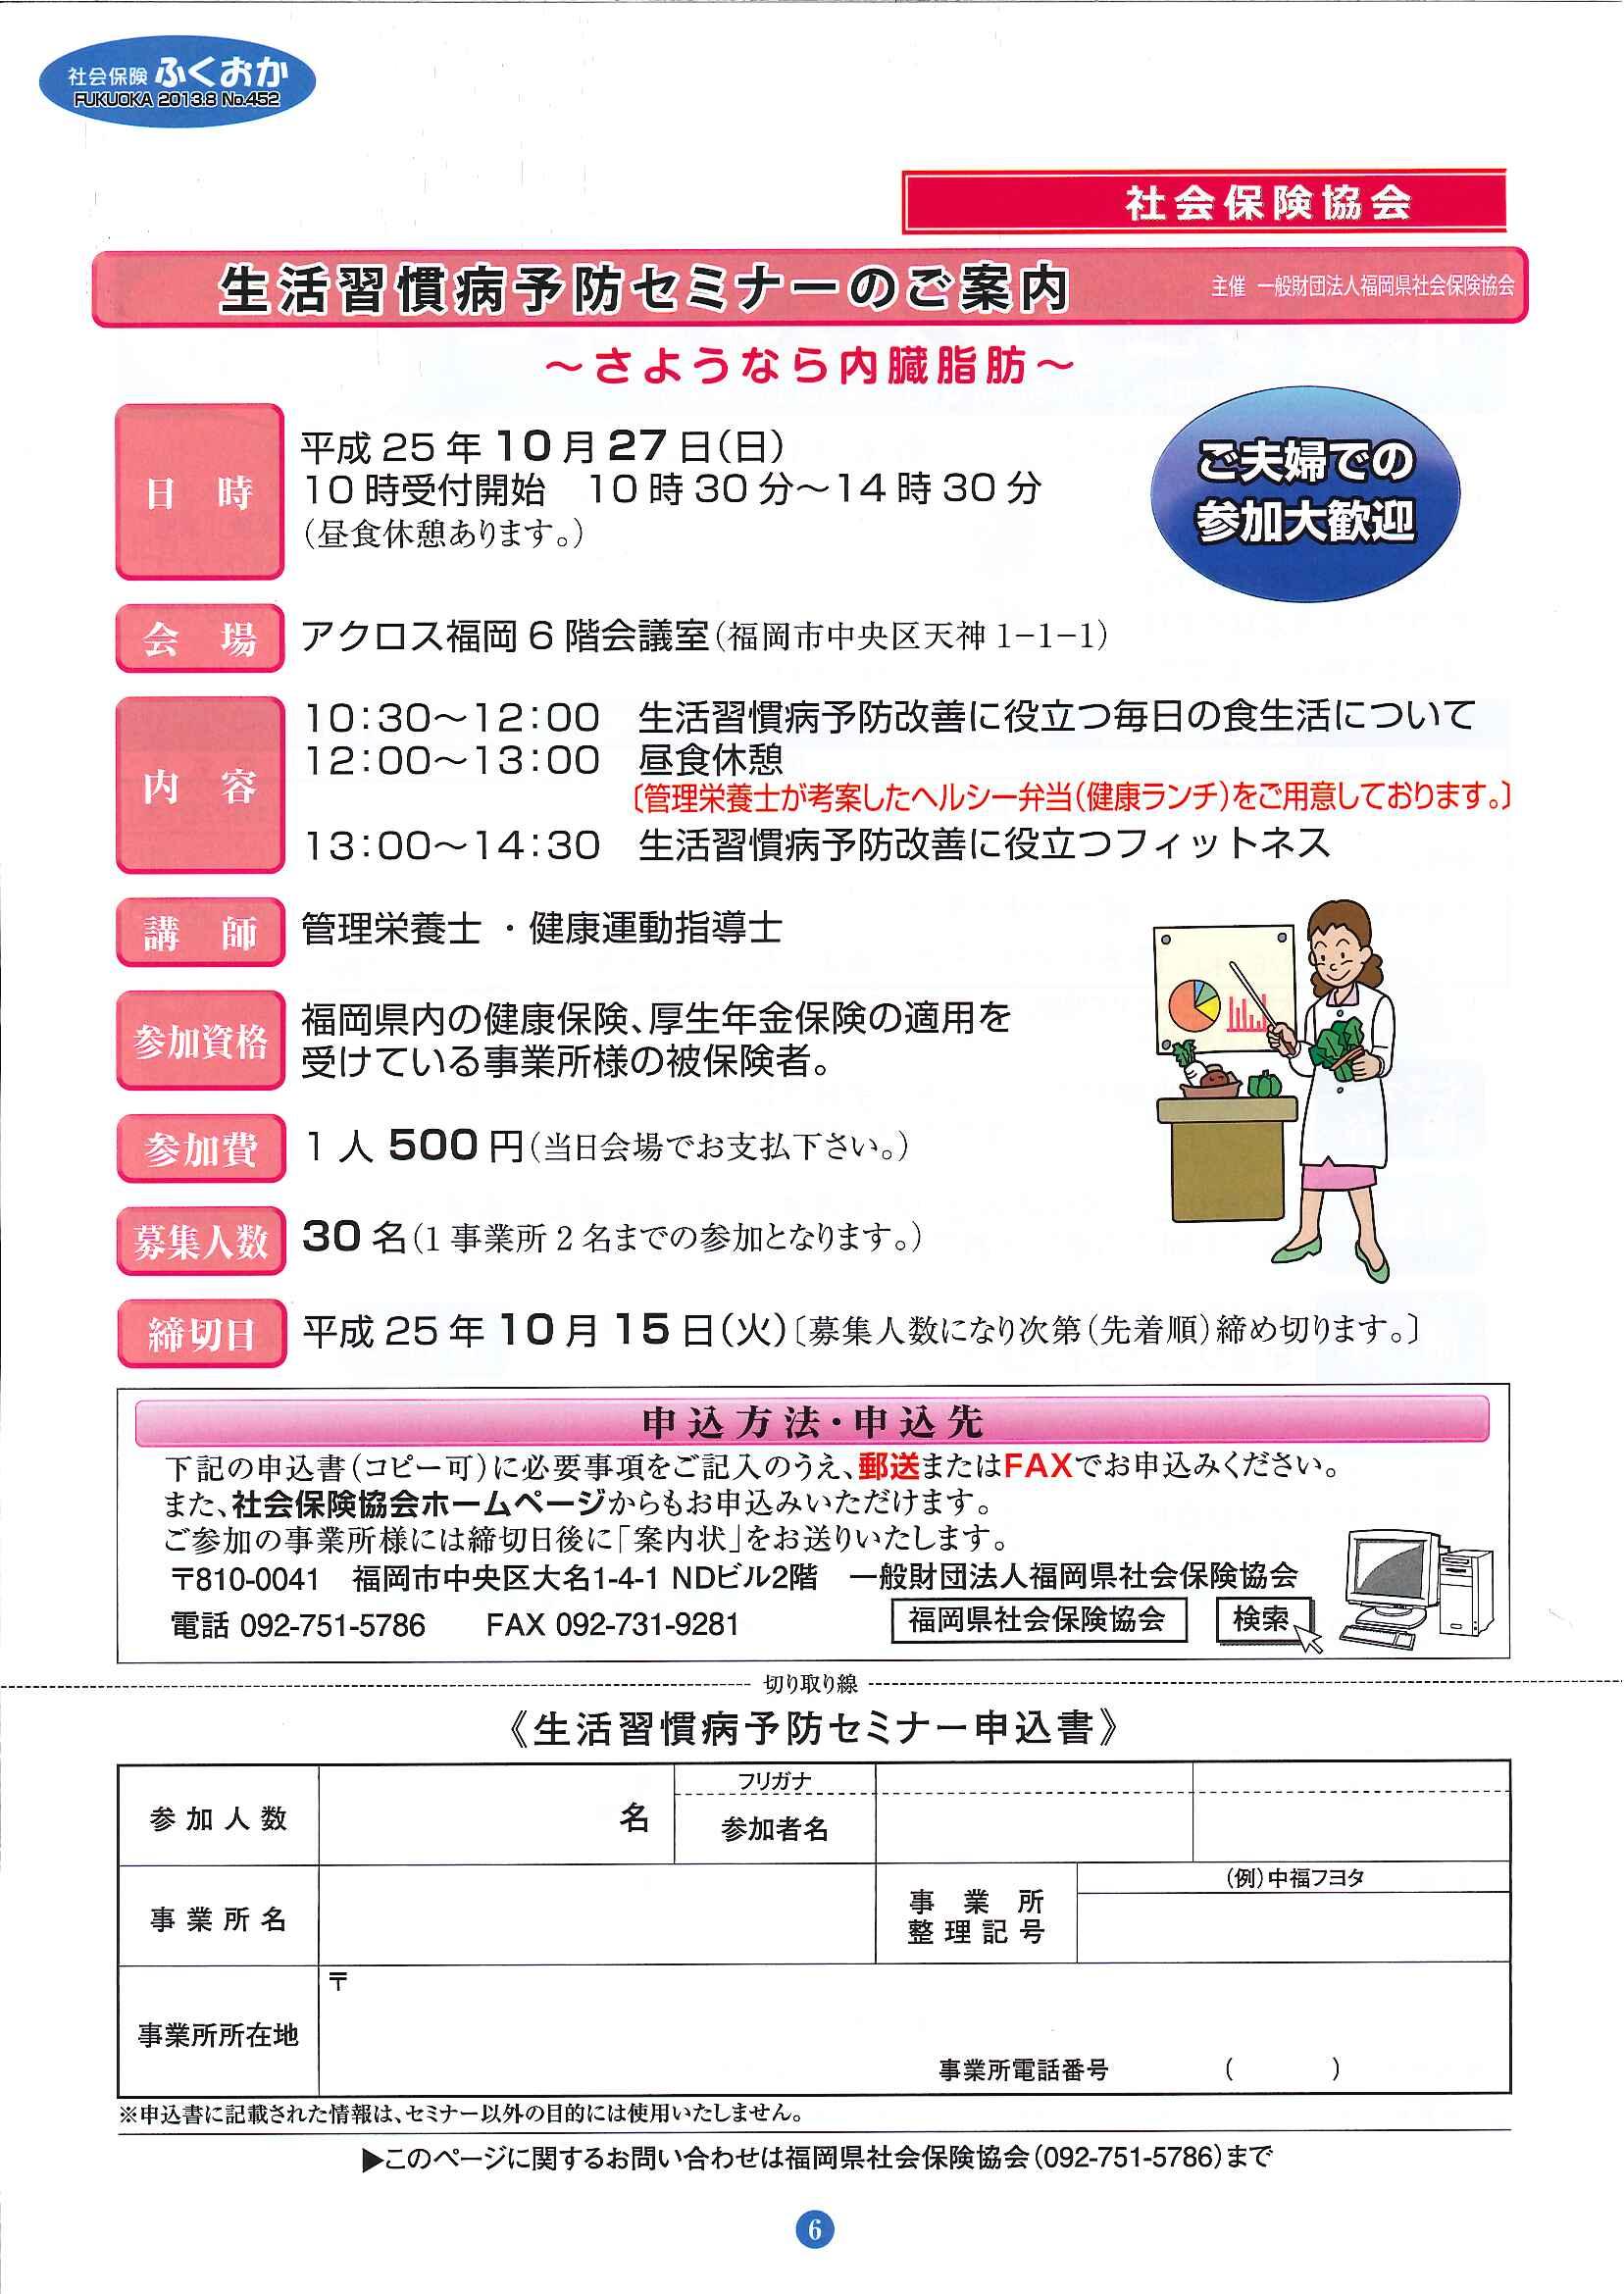 社会保険 ふくおか 2013年8月号_f0120774_14554730.jpg